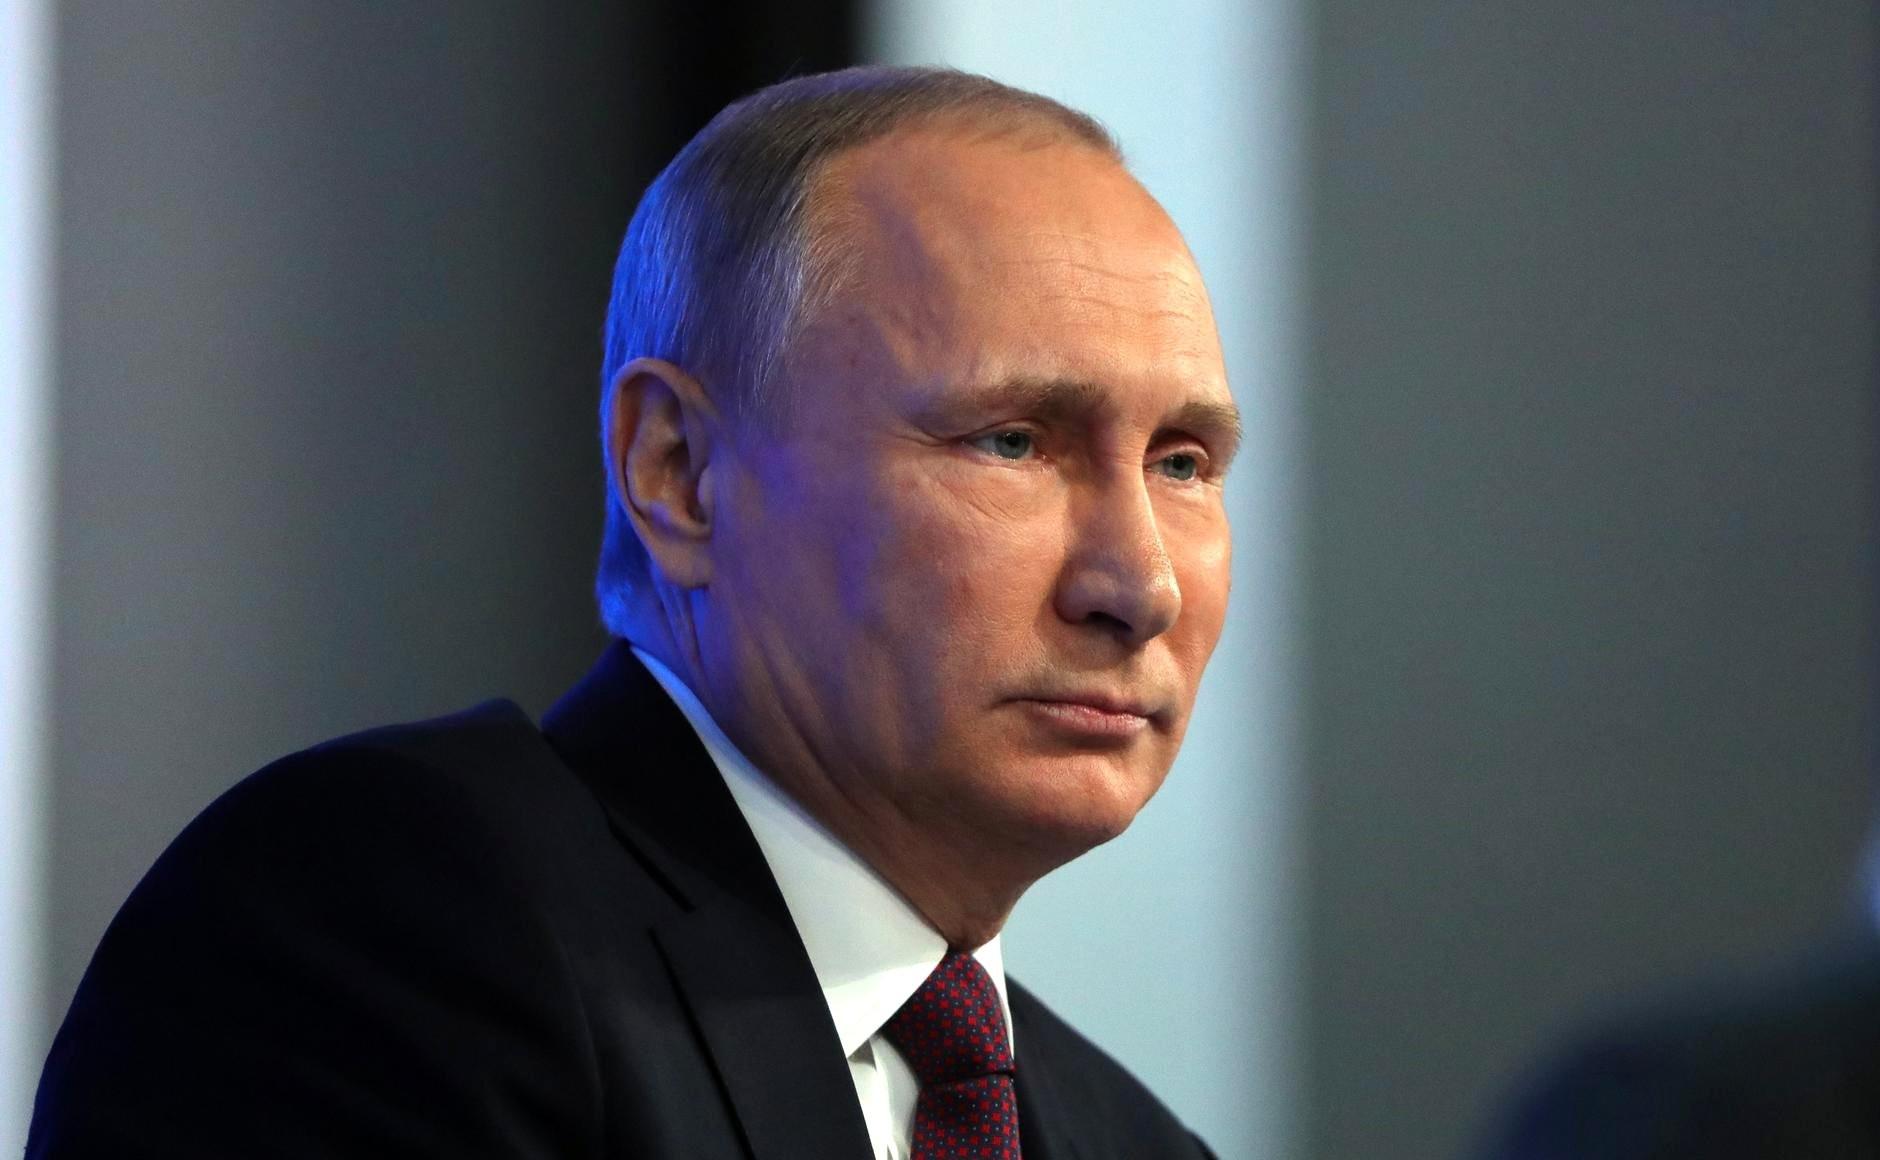 Партнеры в Европе и США в дальнейшем могут забыть об интересах Украины